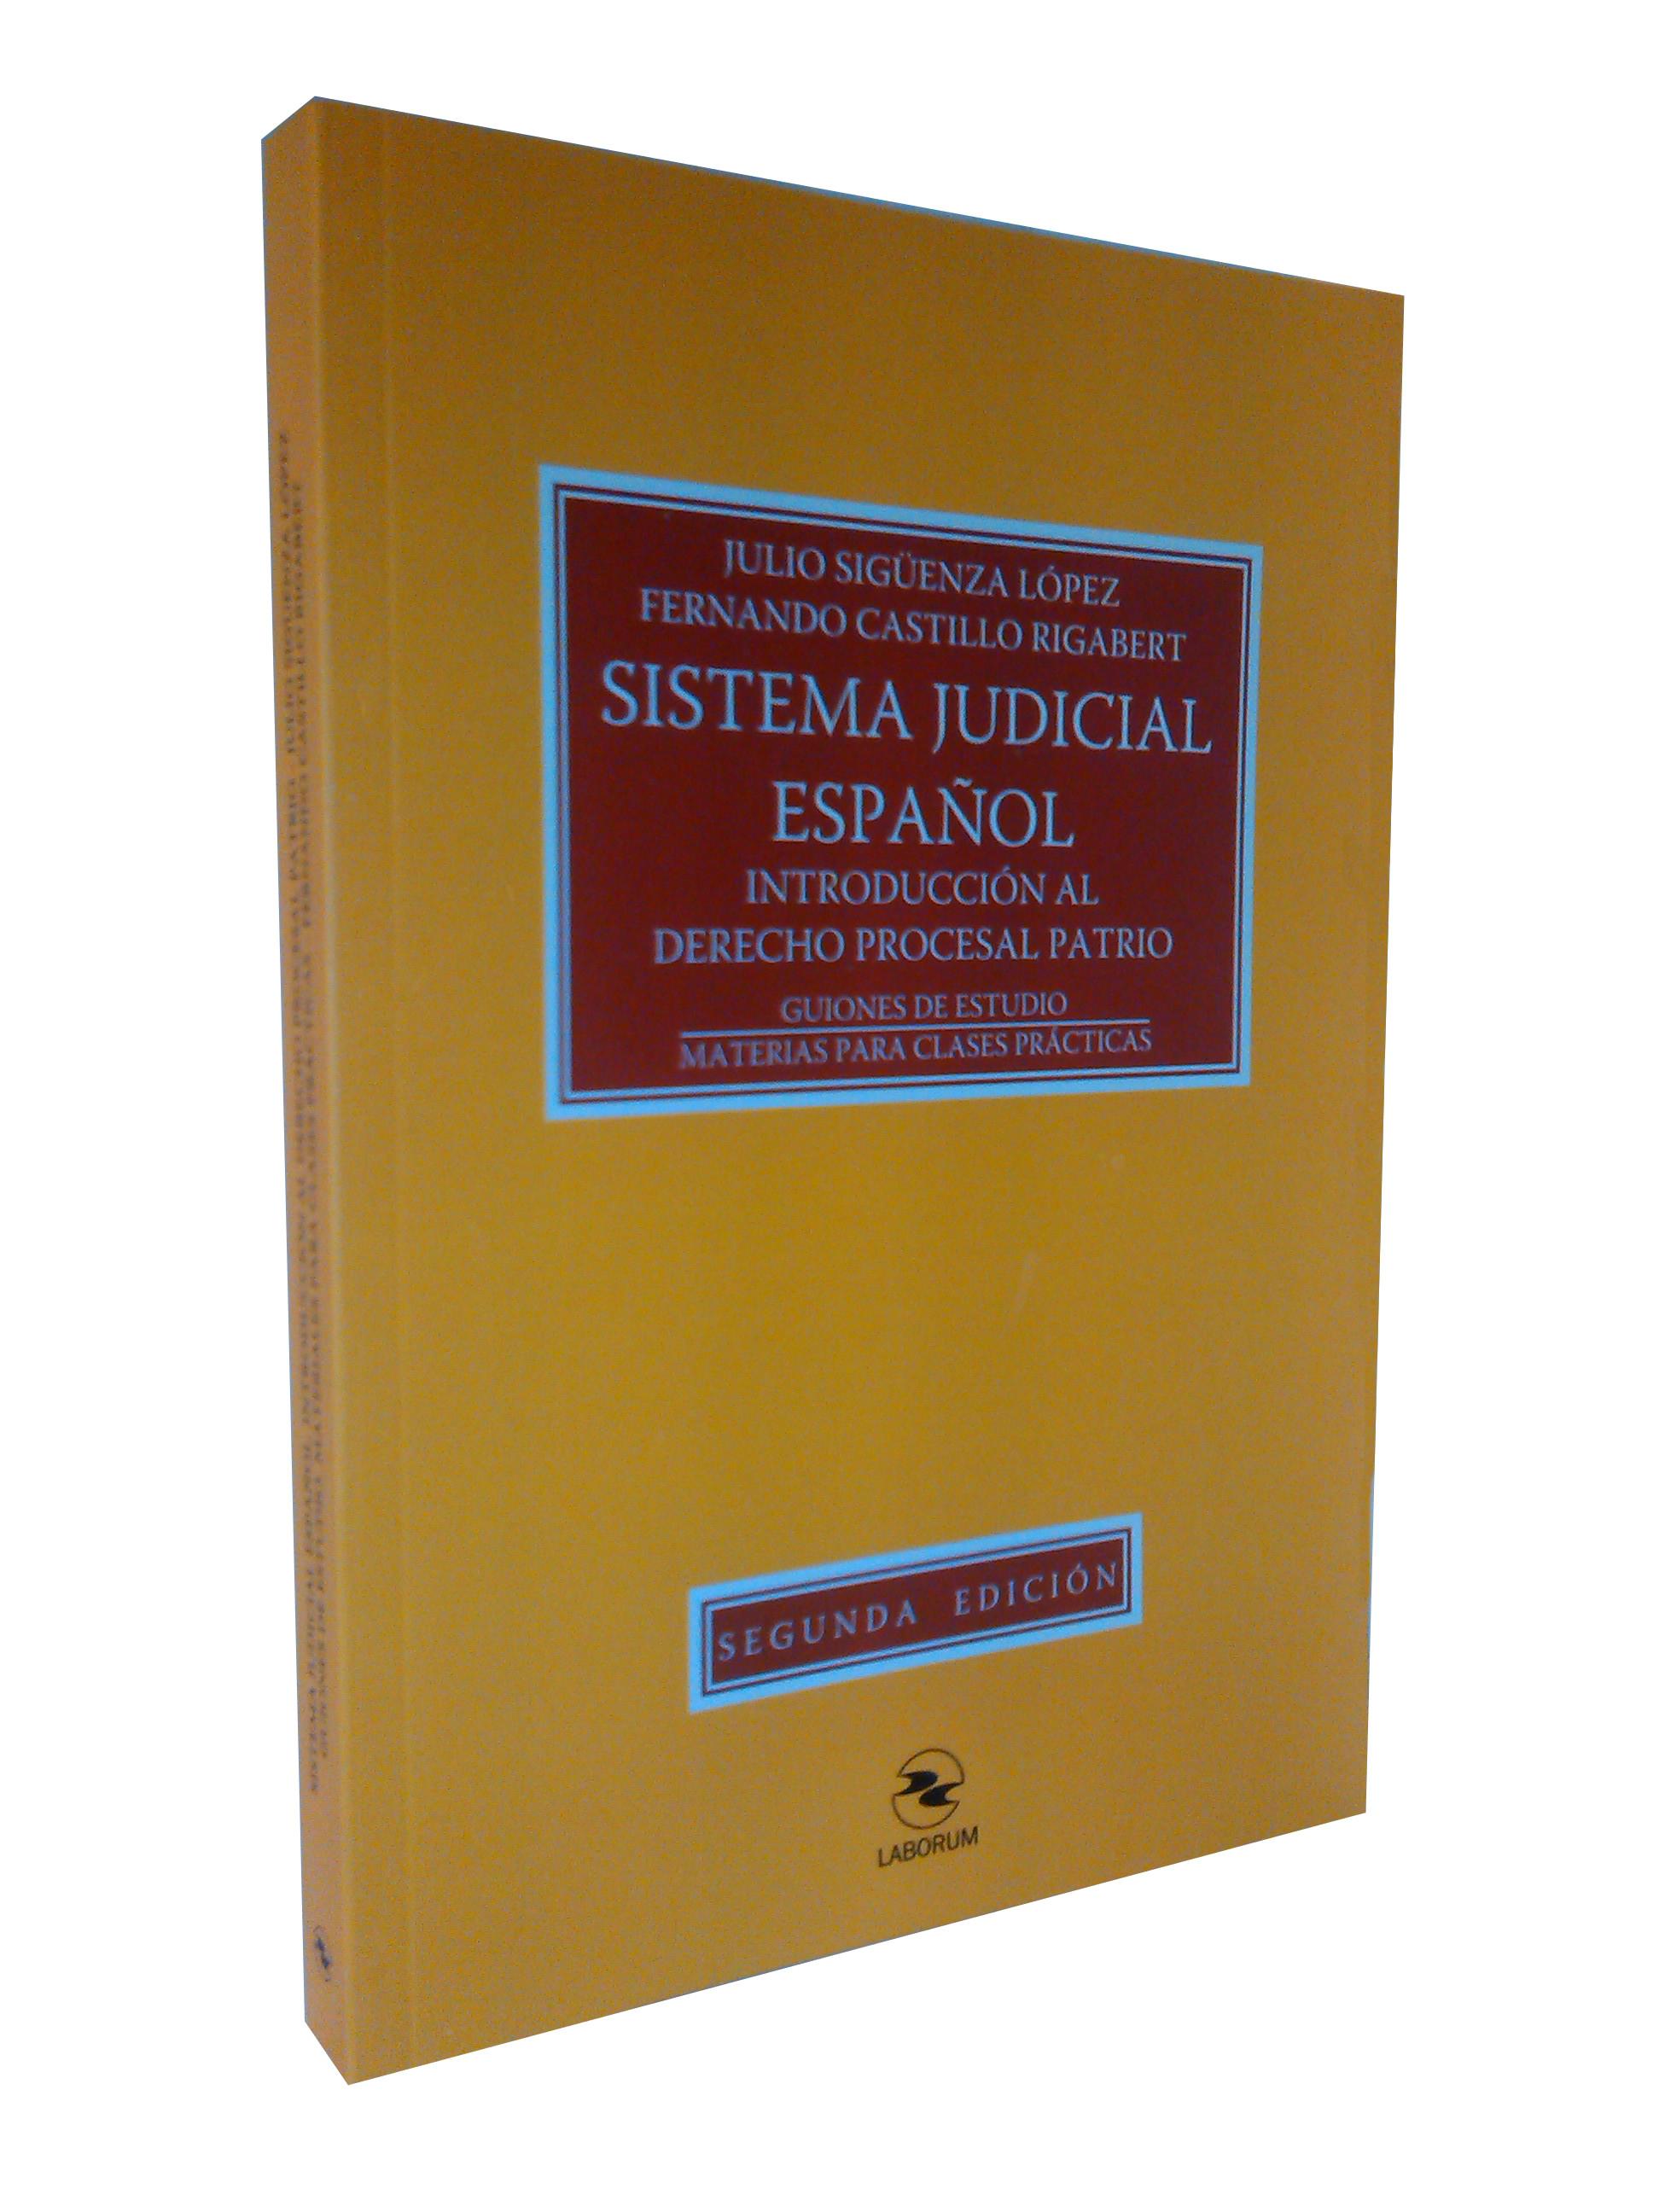 Sistema Judicial Español – Introducción al Derecho Procesal Patrio – Guiones de estudio / Materiales para clases prácticas (2ª Edición)